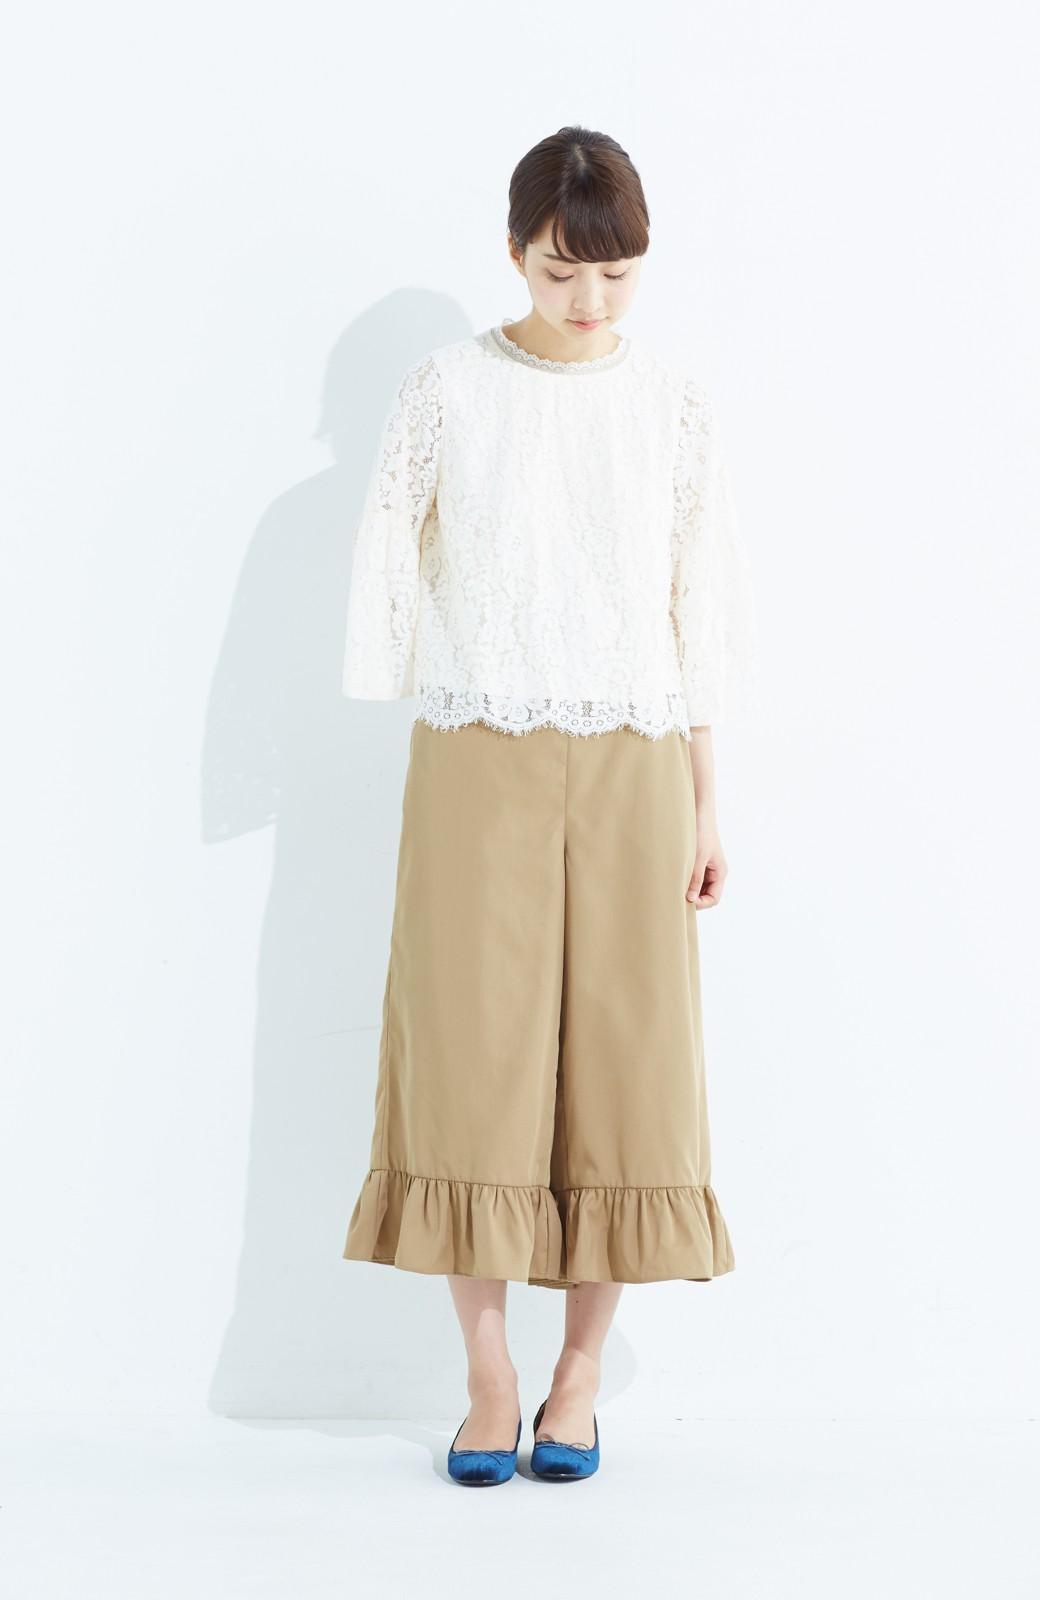 haco! スカート気分で楽しめる 華やかフレアーパンツ <ベージュ>の商品写真8